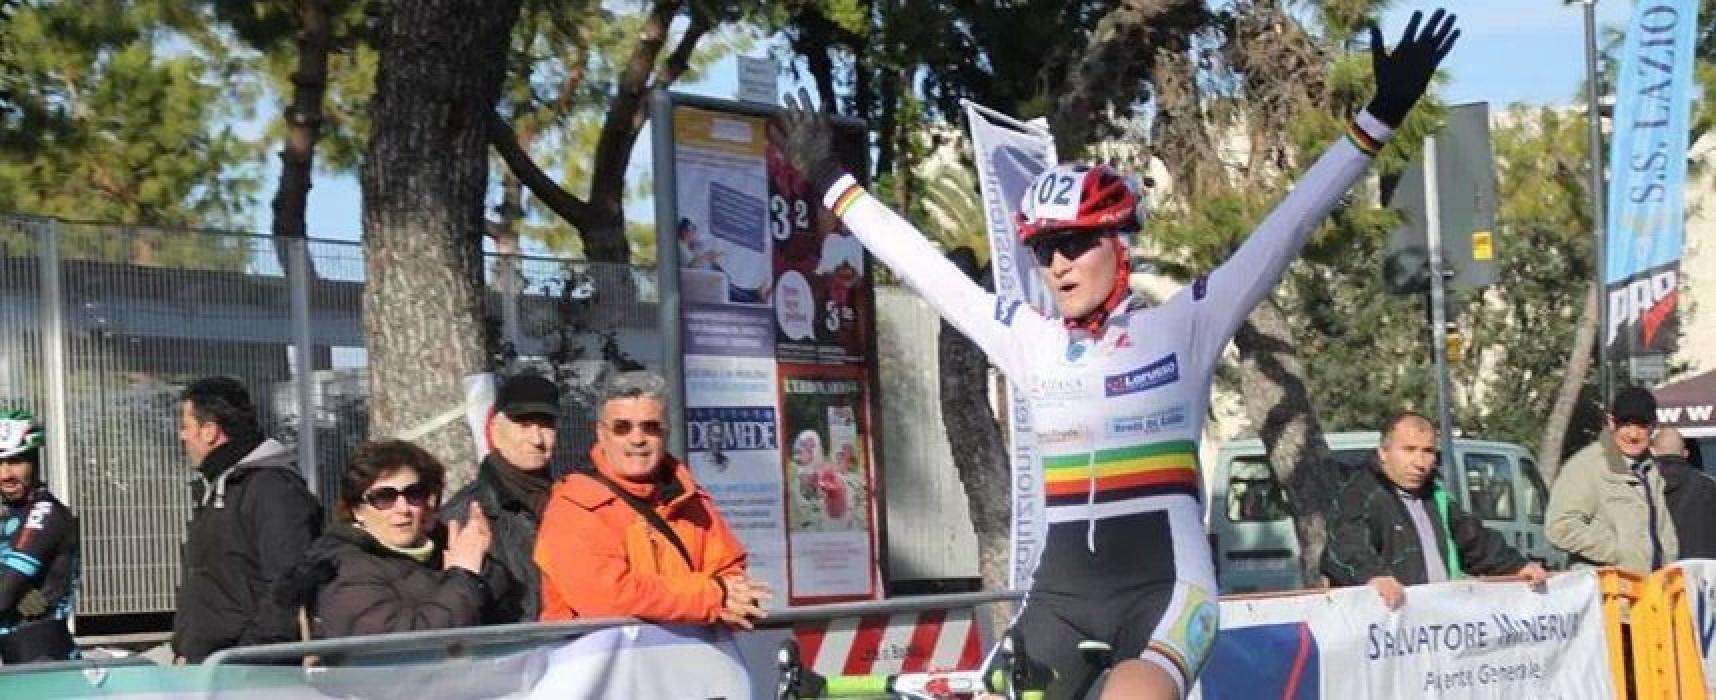 Cavallaro protagonista nonostante le sfortune nel week-end di Viggiano